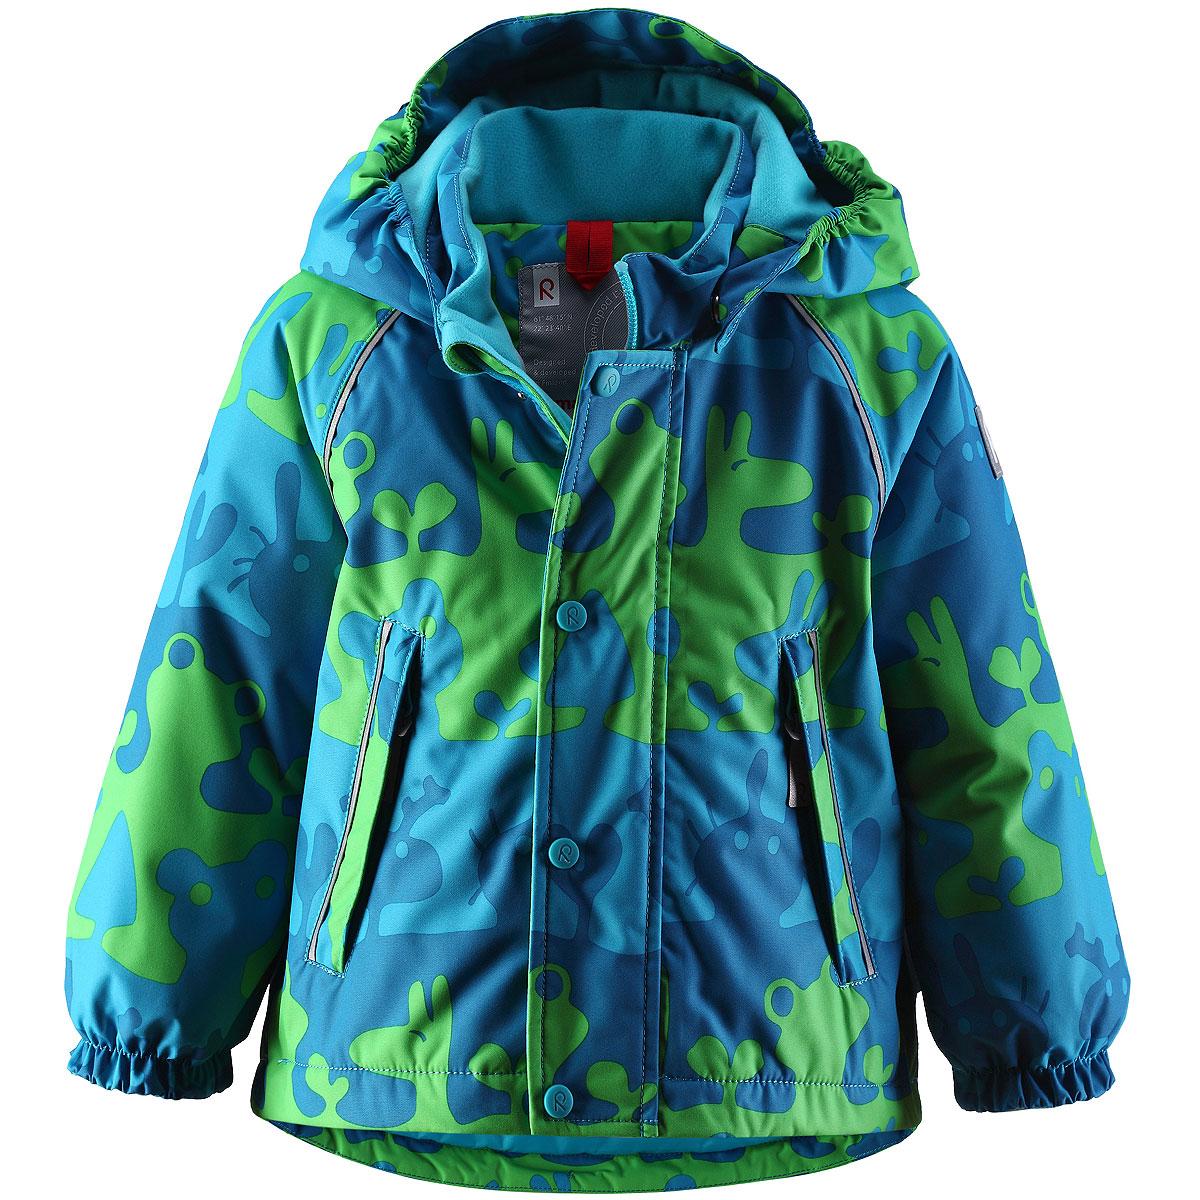 Куртка детская. 511150511150_1212Теплая детская куртка Reimatec идеально подойдет для ребенка в холодное время года. Куртка изготовлена из водоотталкивающей и ветрозащитной мембранной ткани с утеплителем из синтепона. Материал отличается высокой устойчивостью к трению, благодаря специальной обработке полиуретаном поверхность изделия отталкивает грязь и воду, что облегчает поддержание аккуратного вида одежды, дышащее покрытие с изнаночной части не раздражает даже самую нежную и чувствительную кожу ребенка, обеспечивая ему наибольший комфорт. Куртка с удлиненной спинкой и капюшоном застегивается на пластиковую застежку-молнию с защитой подбородка, благодаря чему ее легко надевать и снимать, и дополнительно имеет ветрозащитный клапан на кнопках. Капюшон, присборенный по бокам, защитит нежные щечки от ветра, он пристегивается к куртке при помощи кнопок. Края рукавов оформлены эластичными манжетами. Мягкая подкладка на воротнике и манжетах обеспечивает дополнительный комфорт. По бокам куртка дополнена двумя...